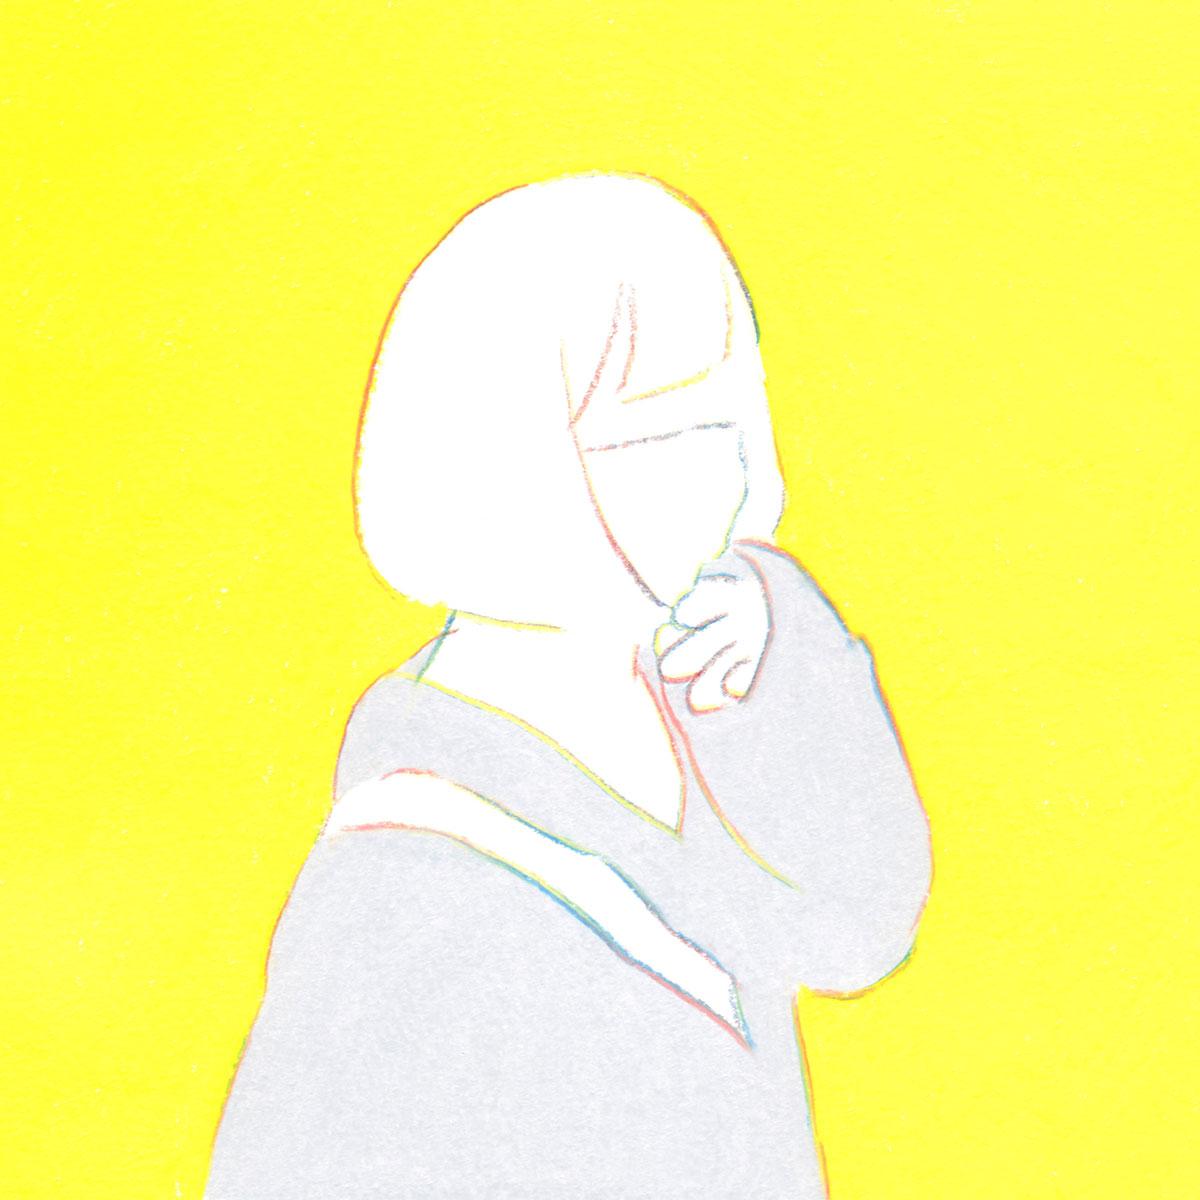 【振替公演】ラブリーサマーちゃん / wash? / セカイイチ / ayutthaya / NENGU